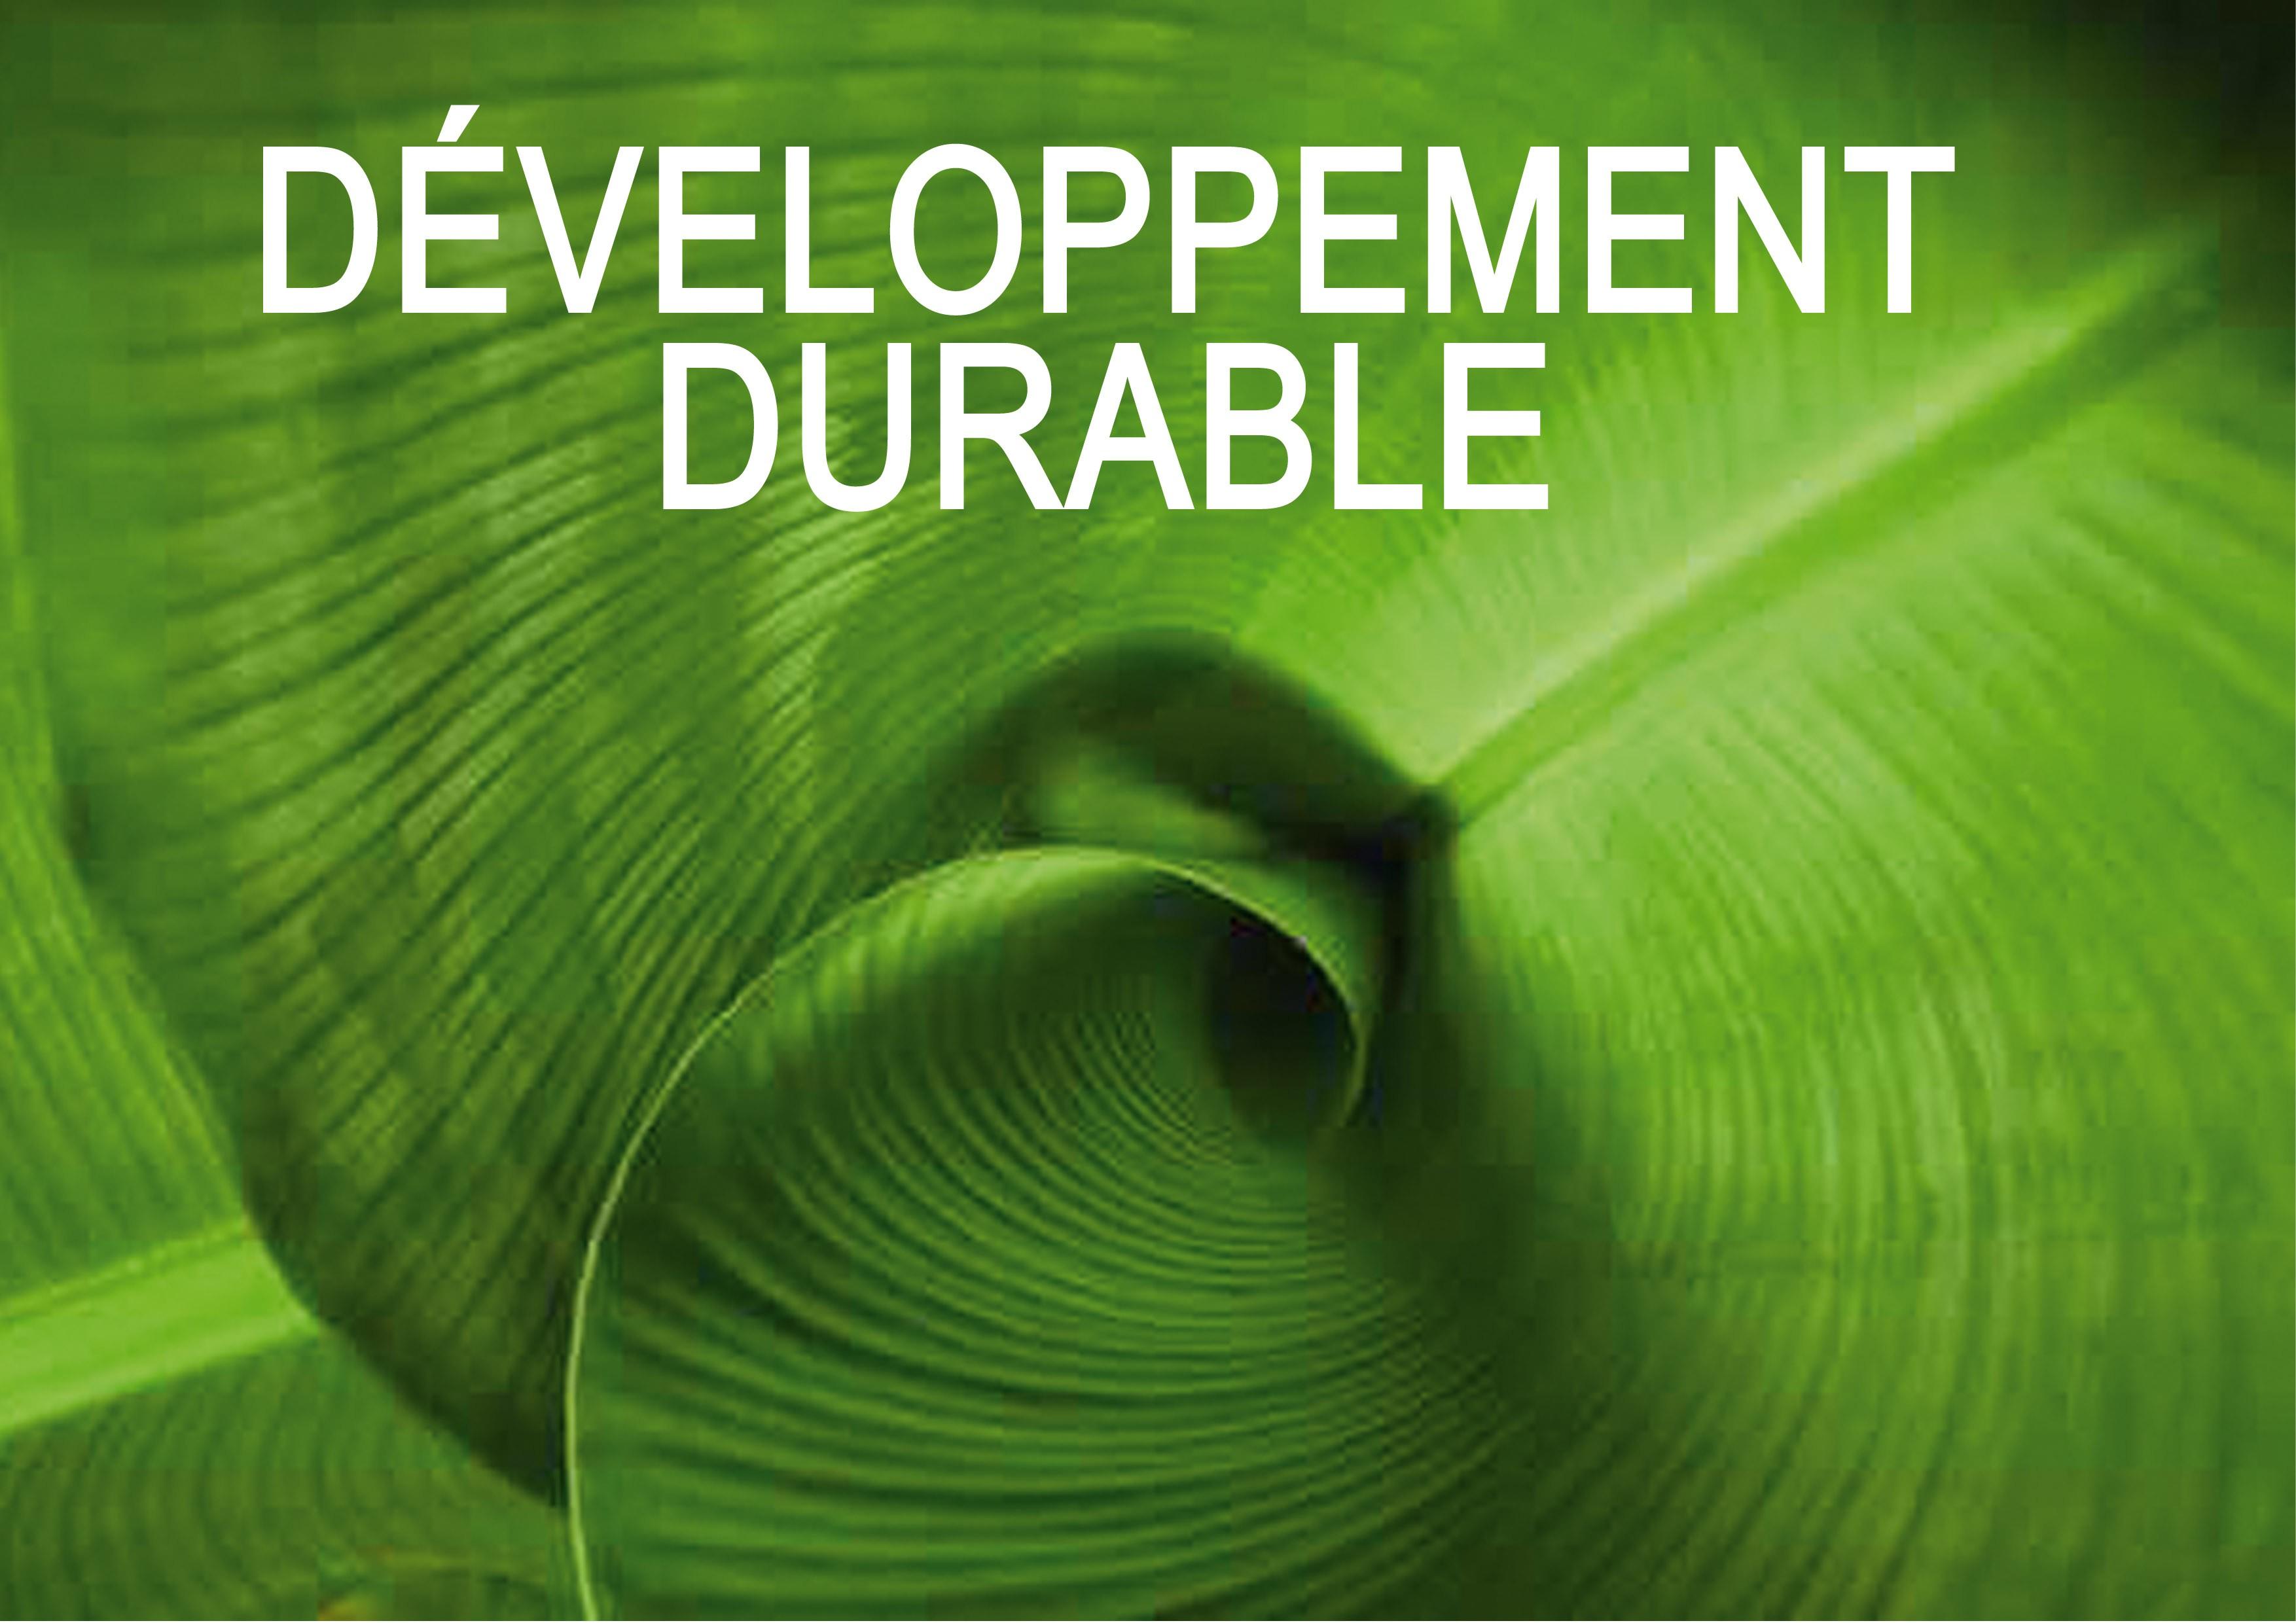 developpement-durable